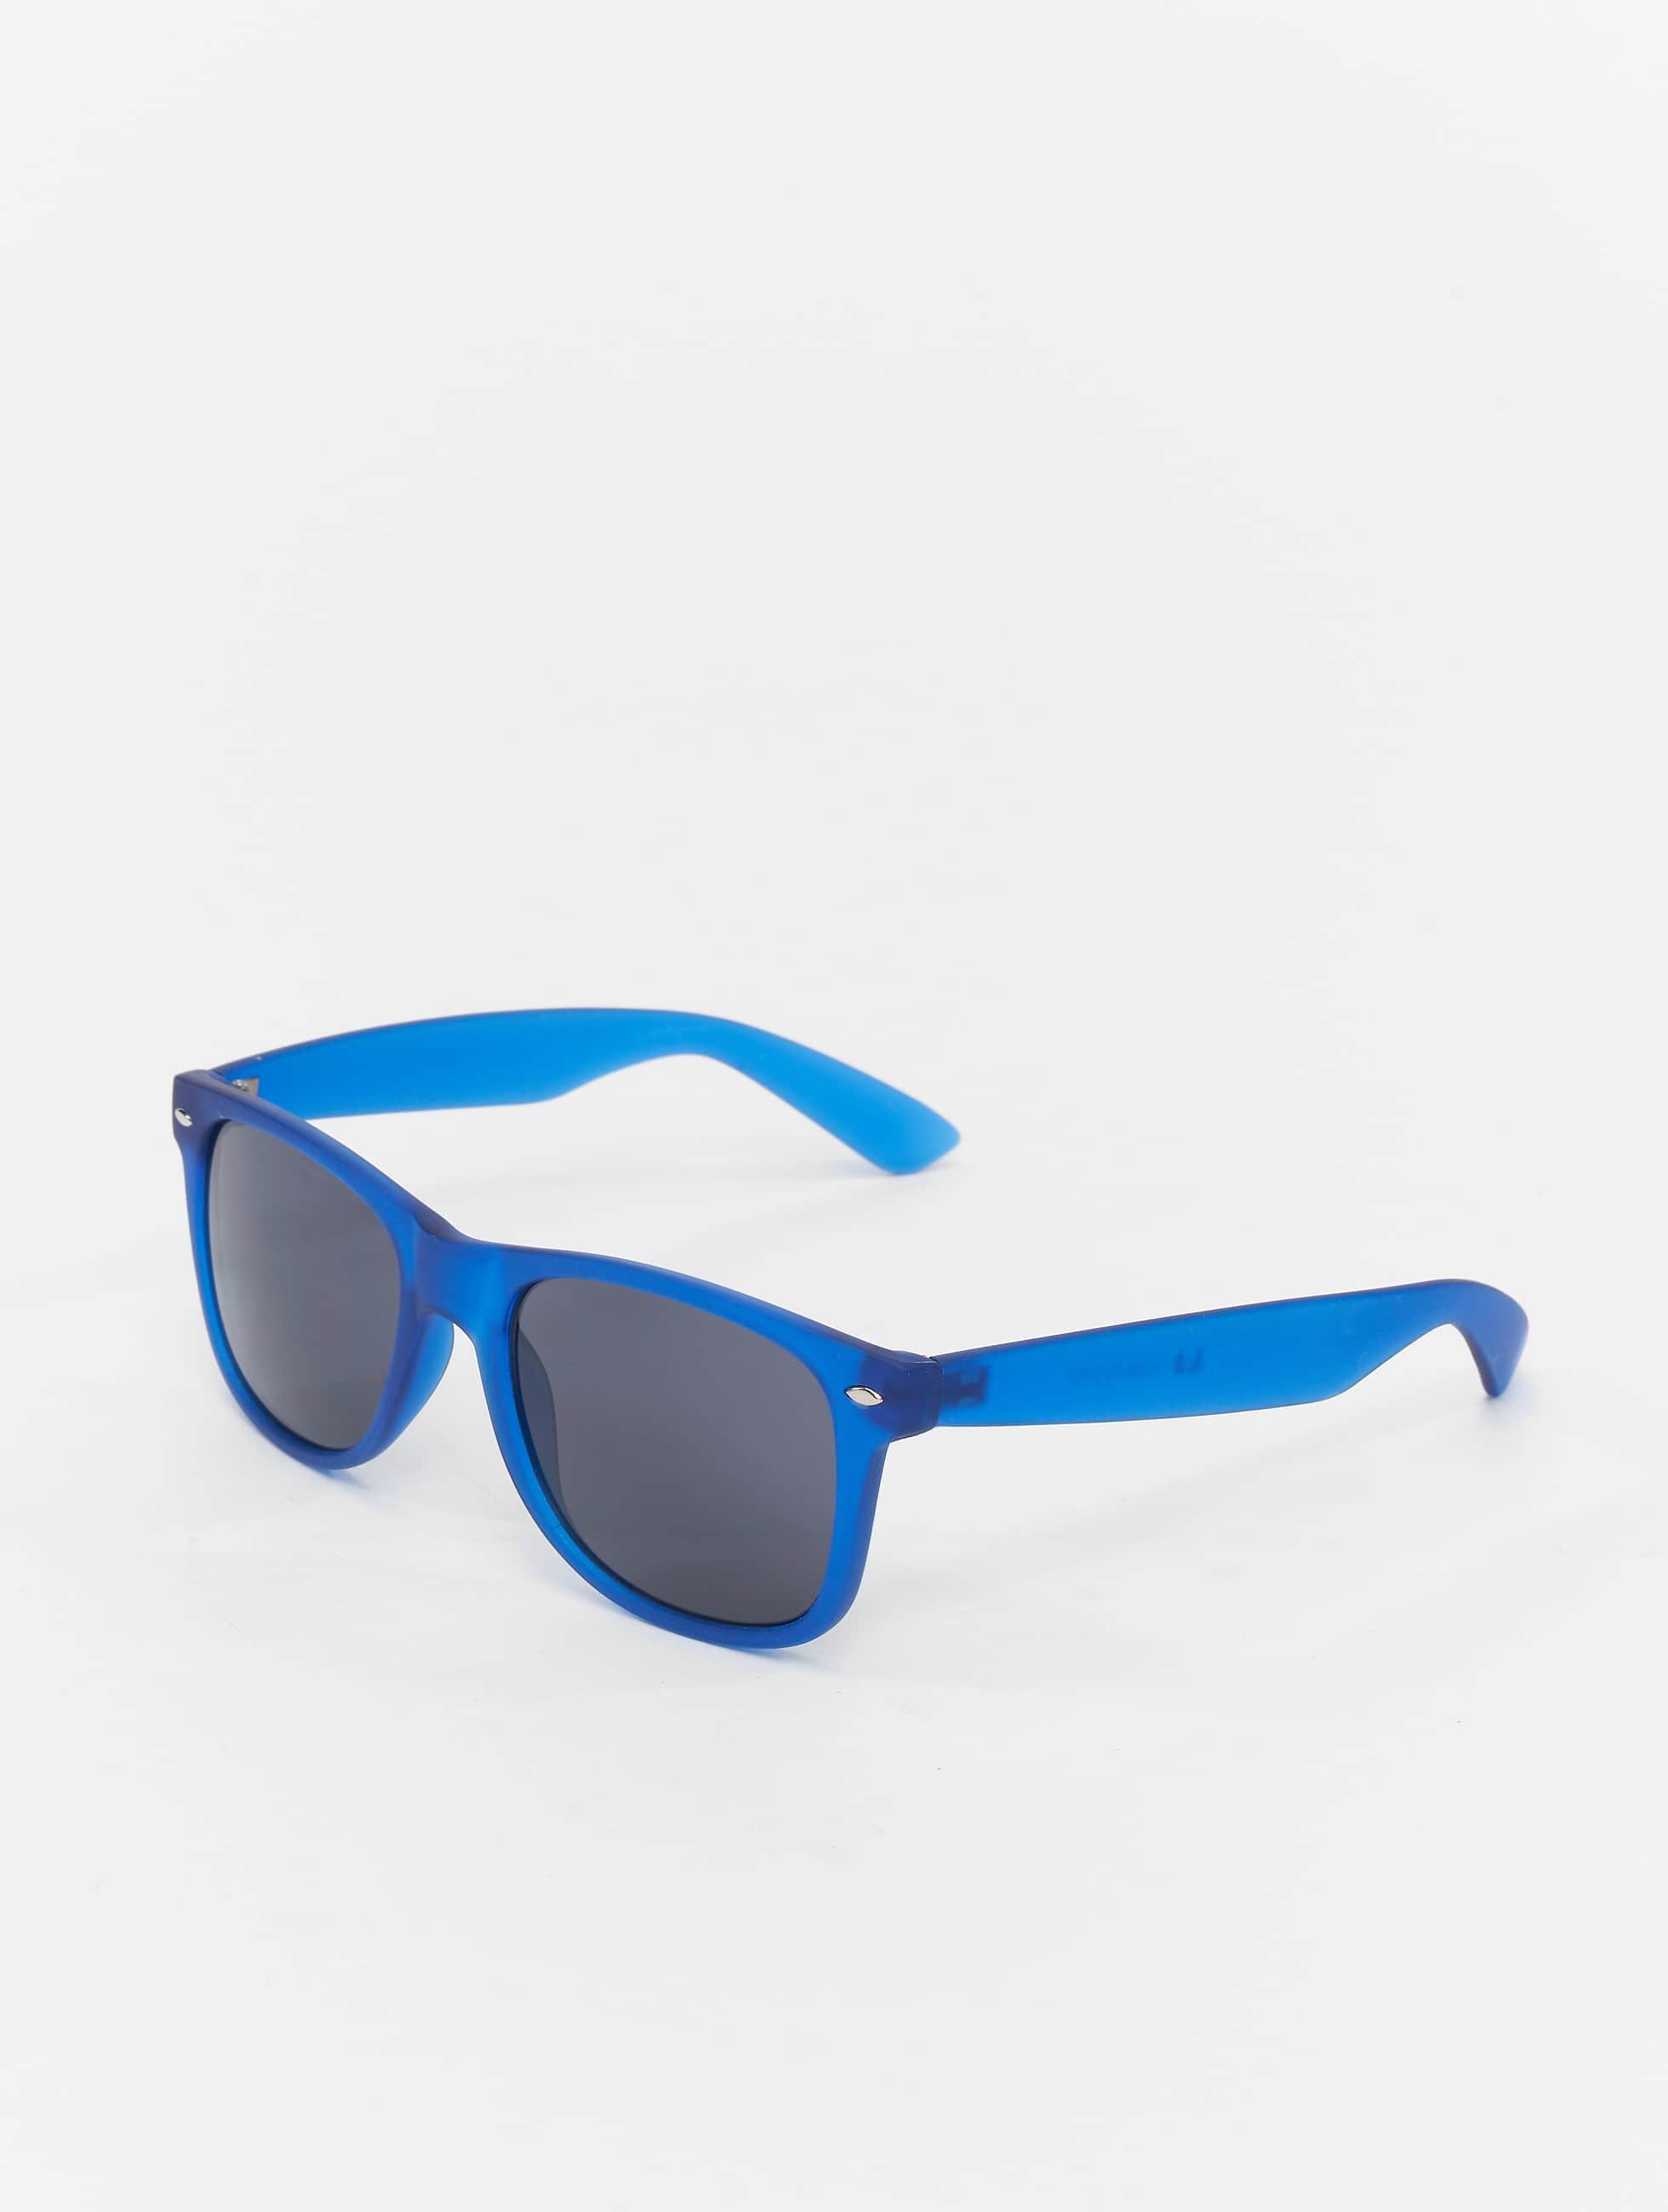 MSTRDS Männer,Frauen Sonnenbrille Likoma in blau